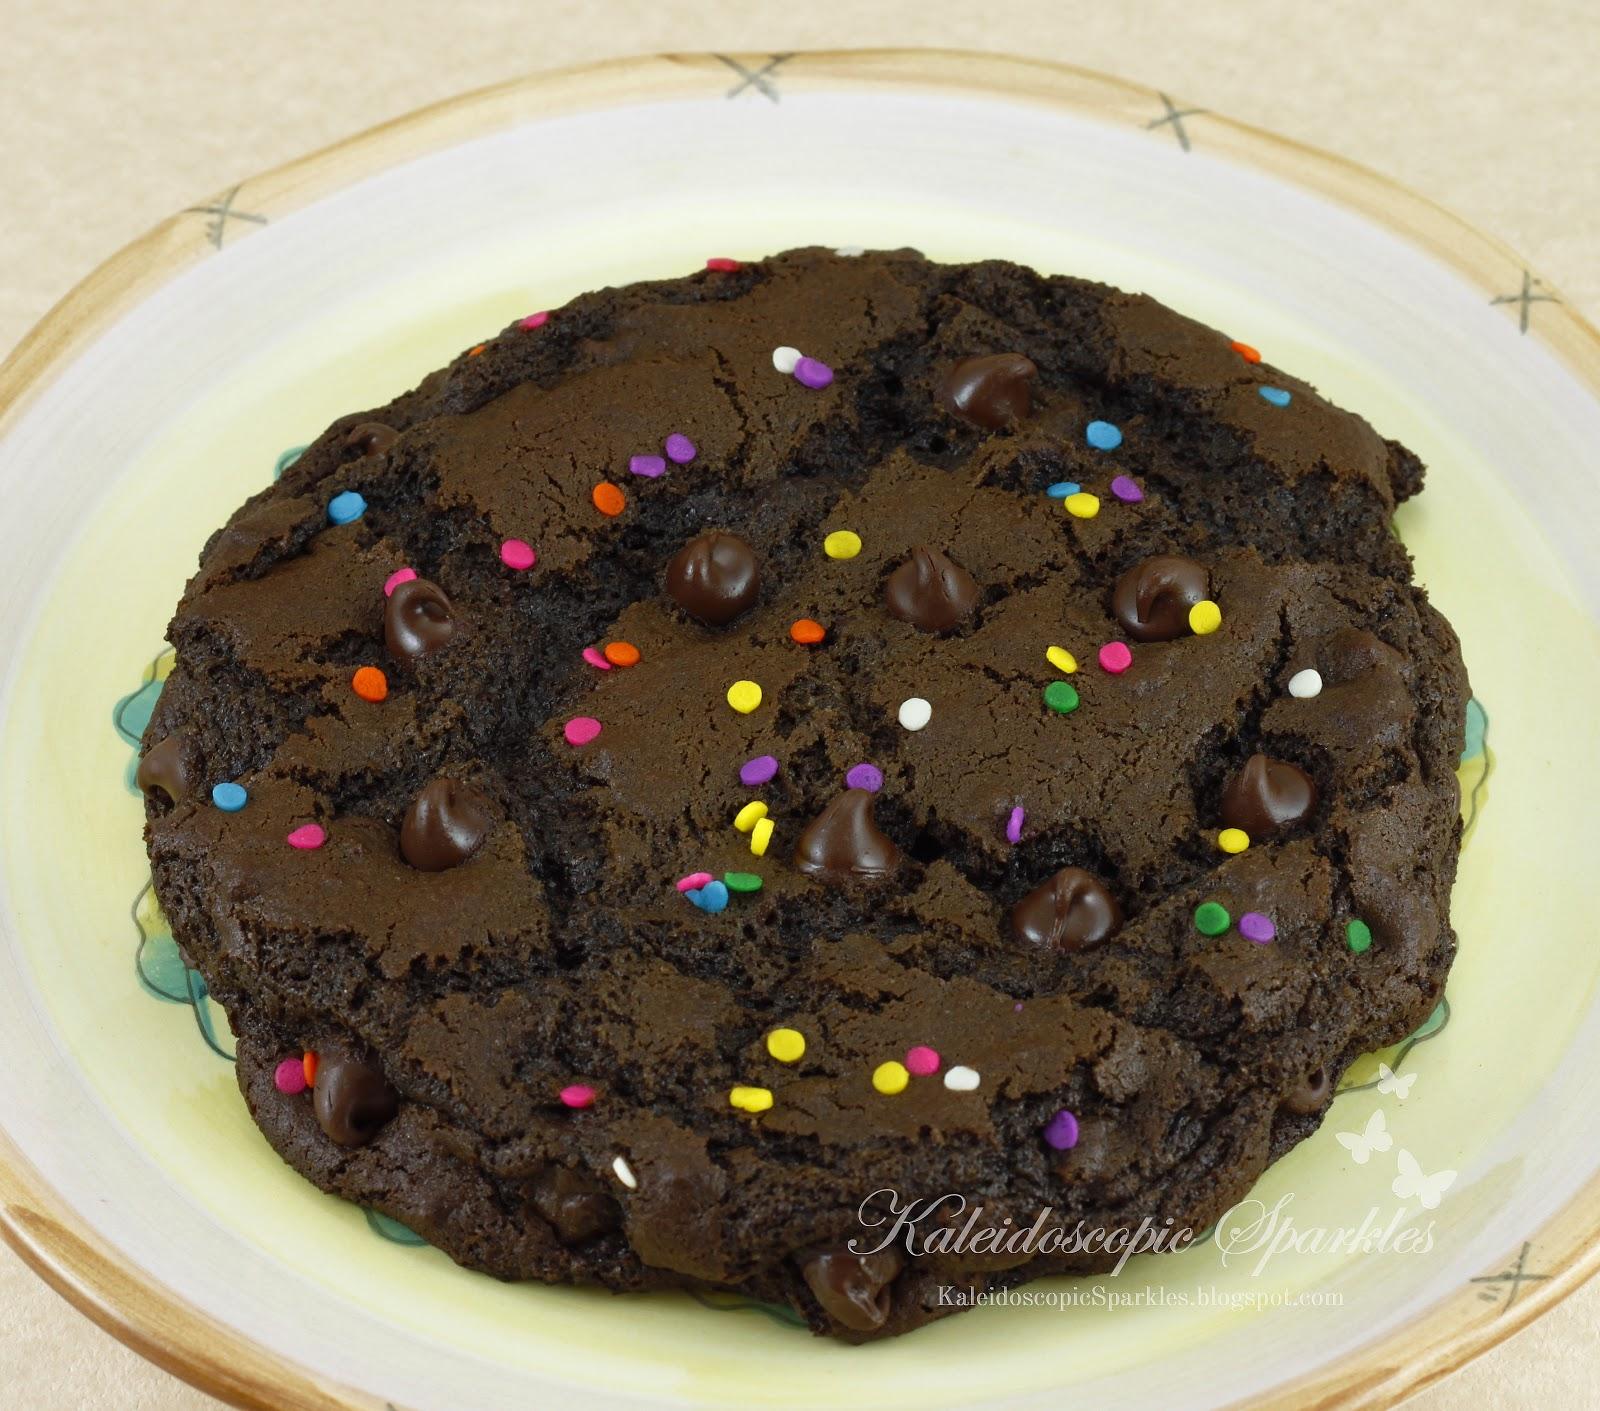 Kaleidoscopic Sparkles: Sweet Saturday: 1 XXL Chocolate Cookie